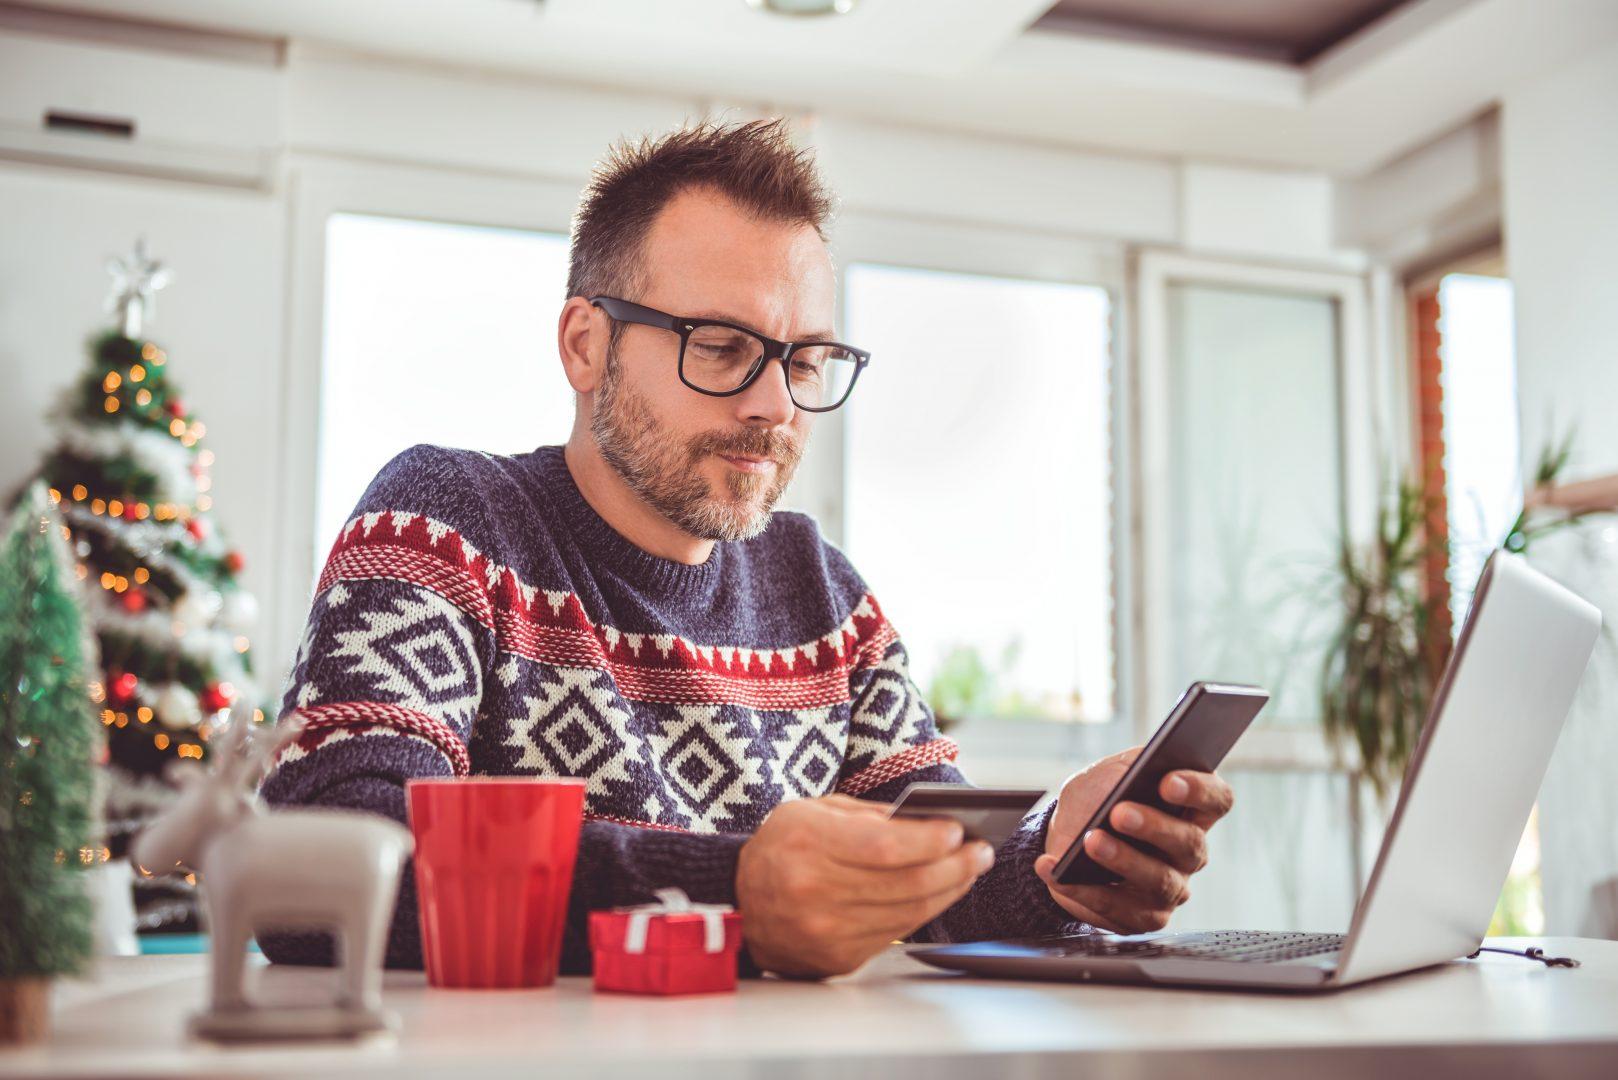 приложения за организация на покупки 8 мобилни приложения, с които коледното пазаруване става по-бързо и по-лесно А1 Блог